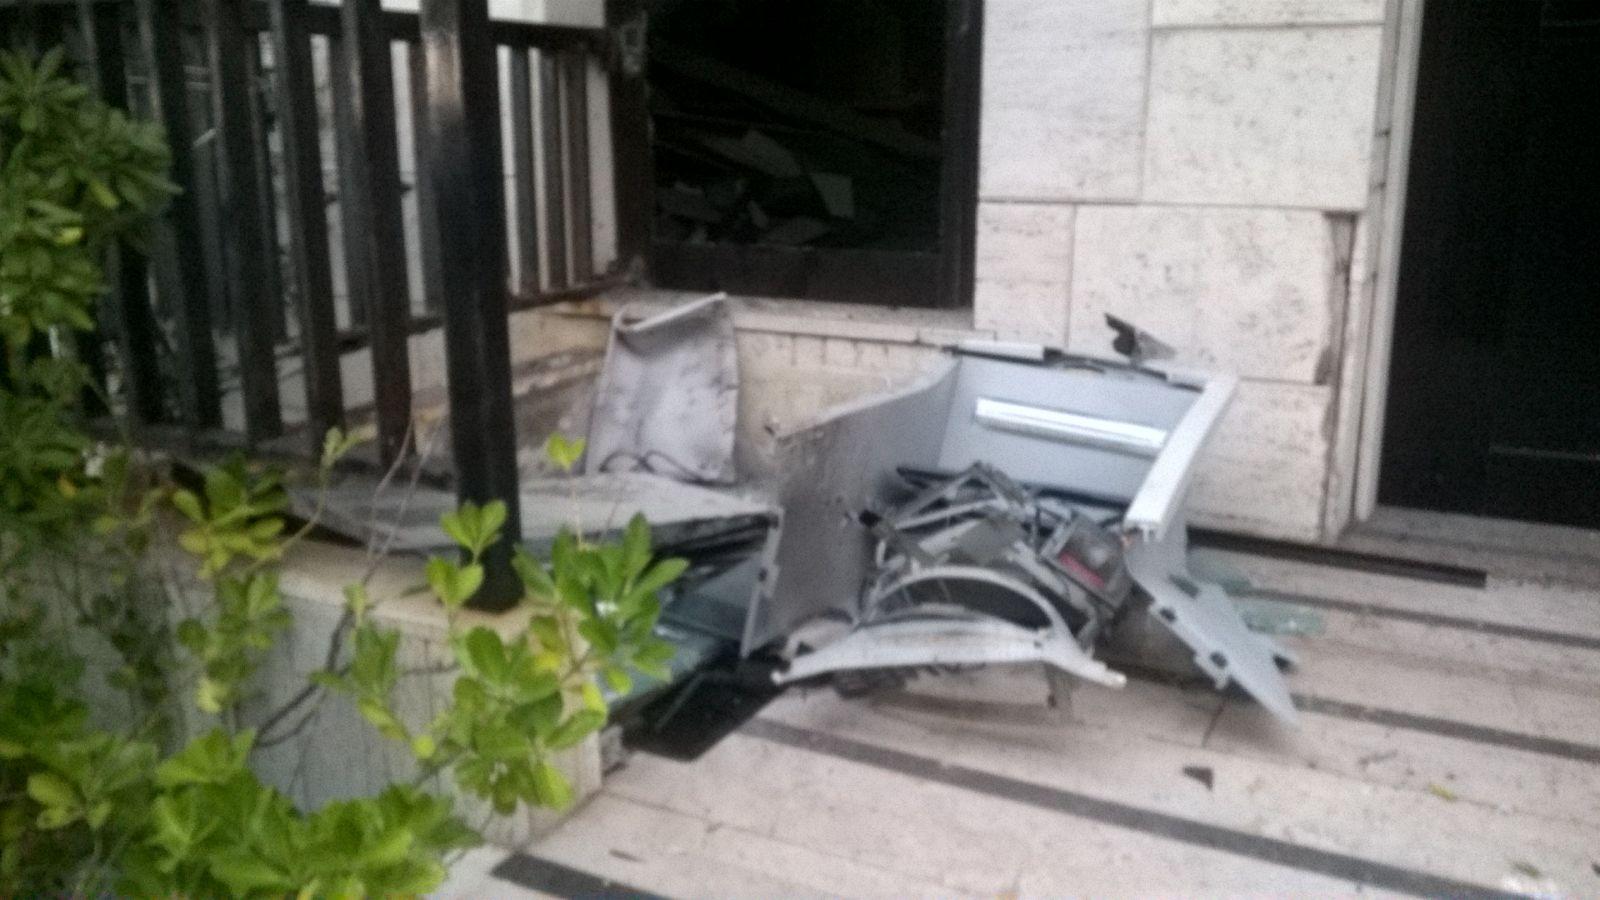 Esplosione bancomat Cologno Arrestate quattro persone Bottino da 60mila euro